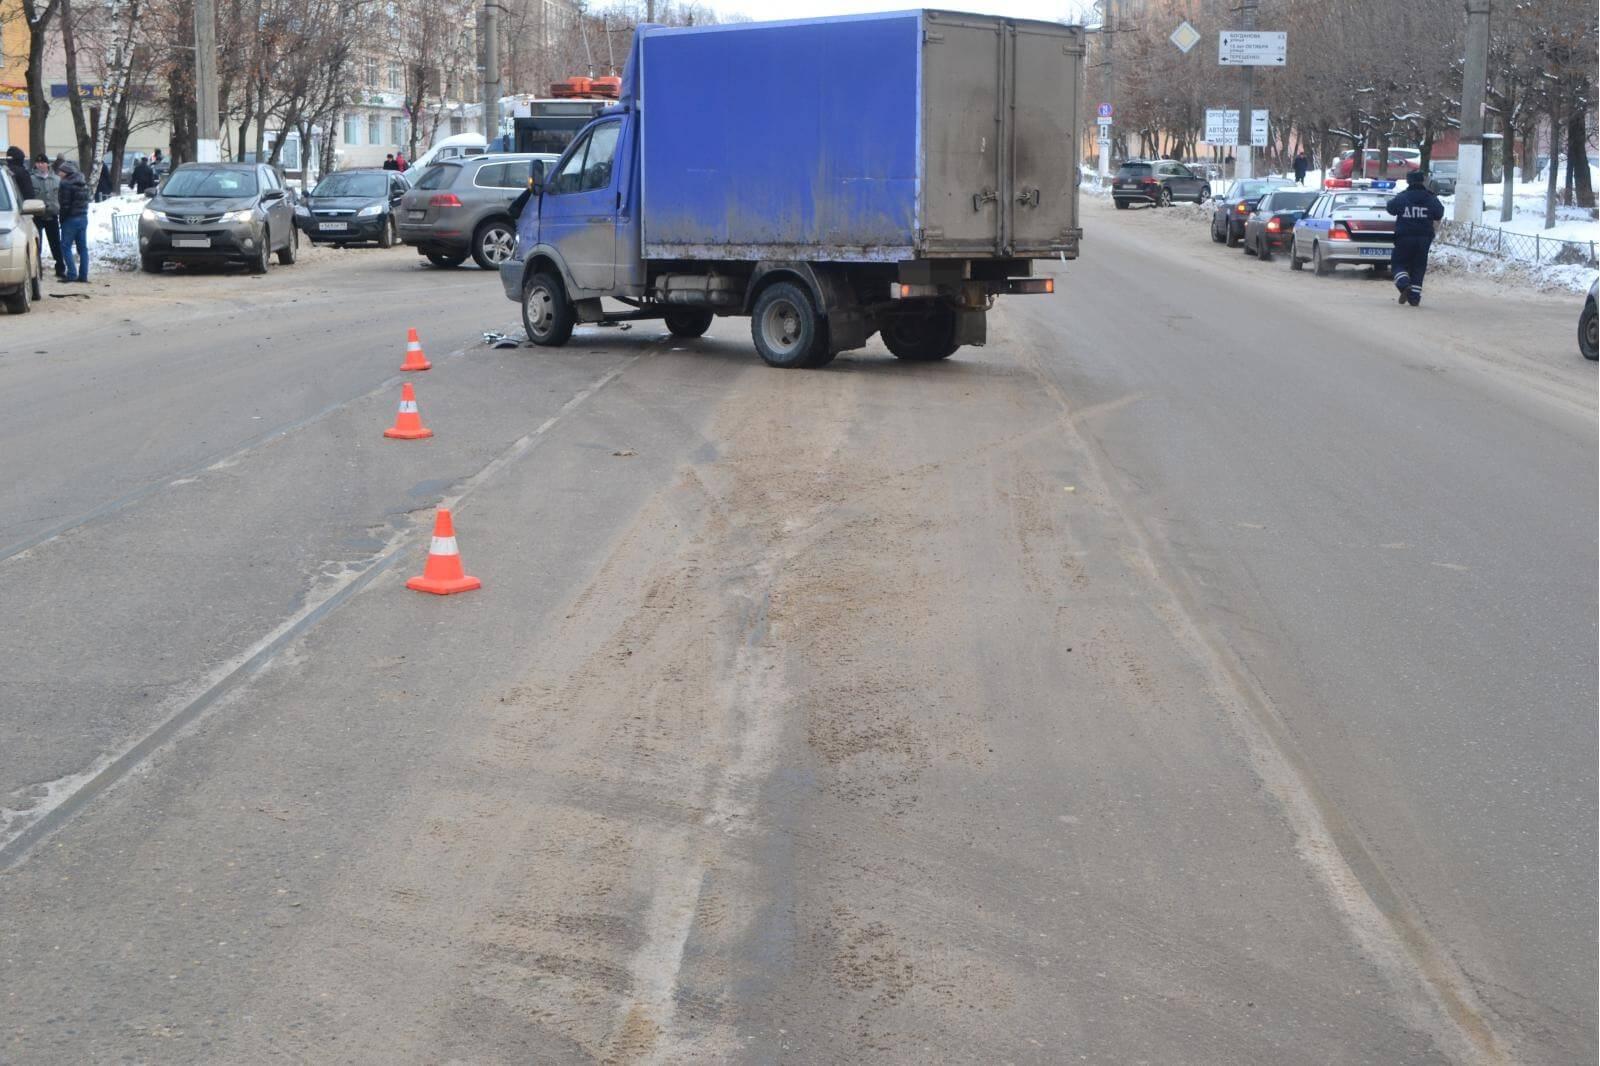 18 января на дорогах области 6 человек пострадали и 2 человека погибли, в том числе сотрудник ДПС